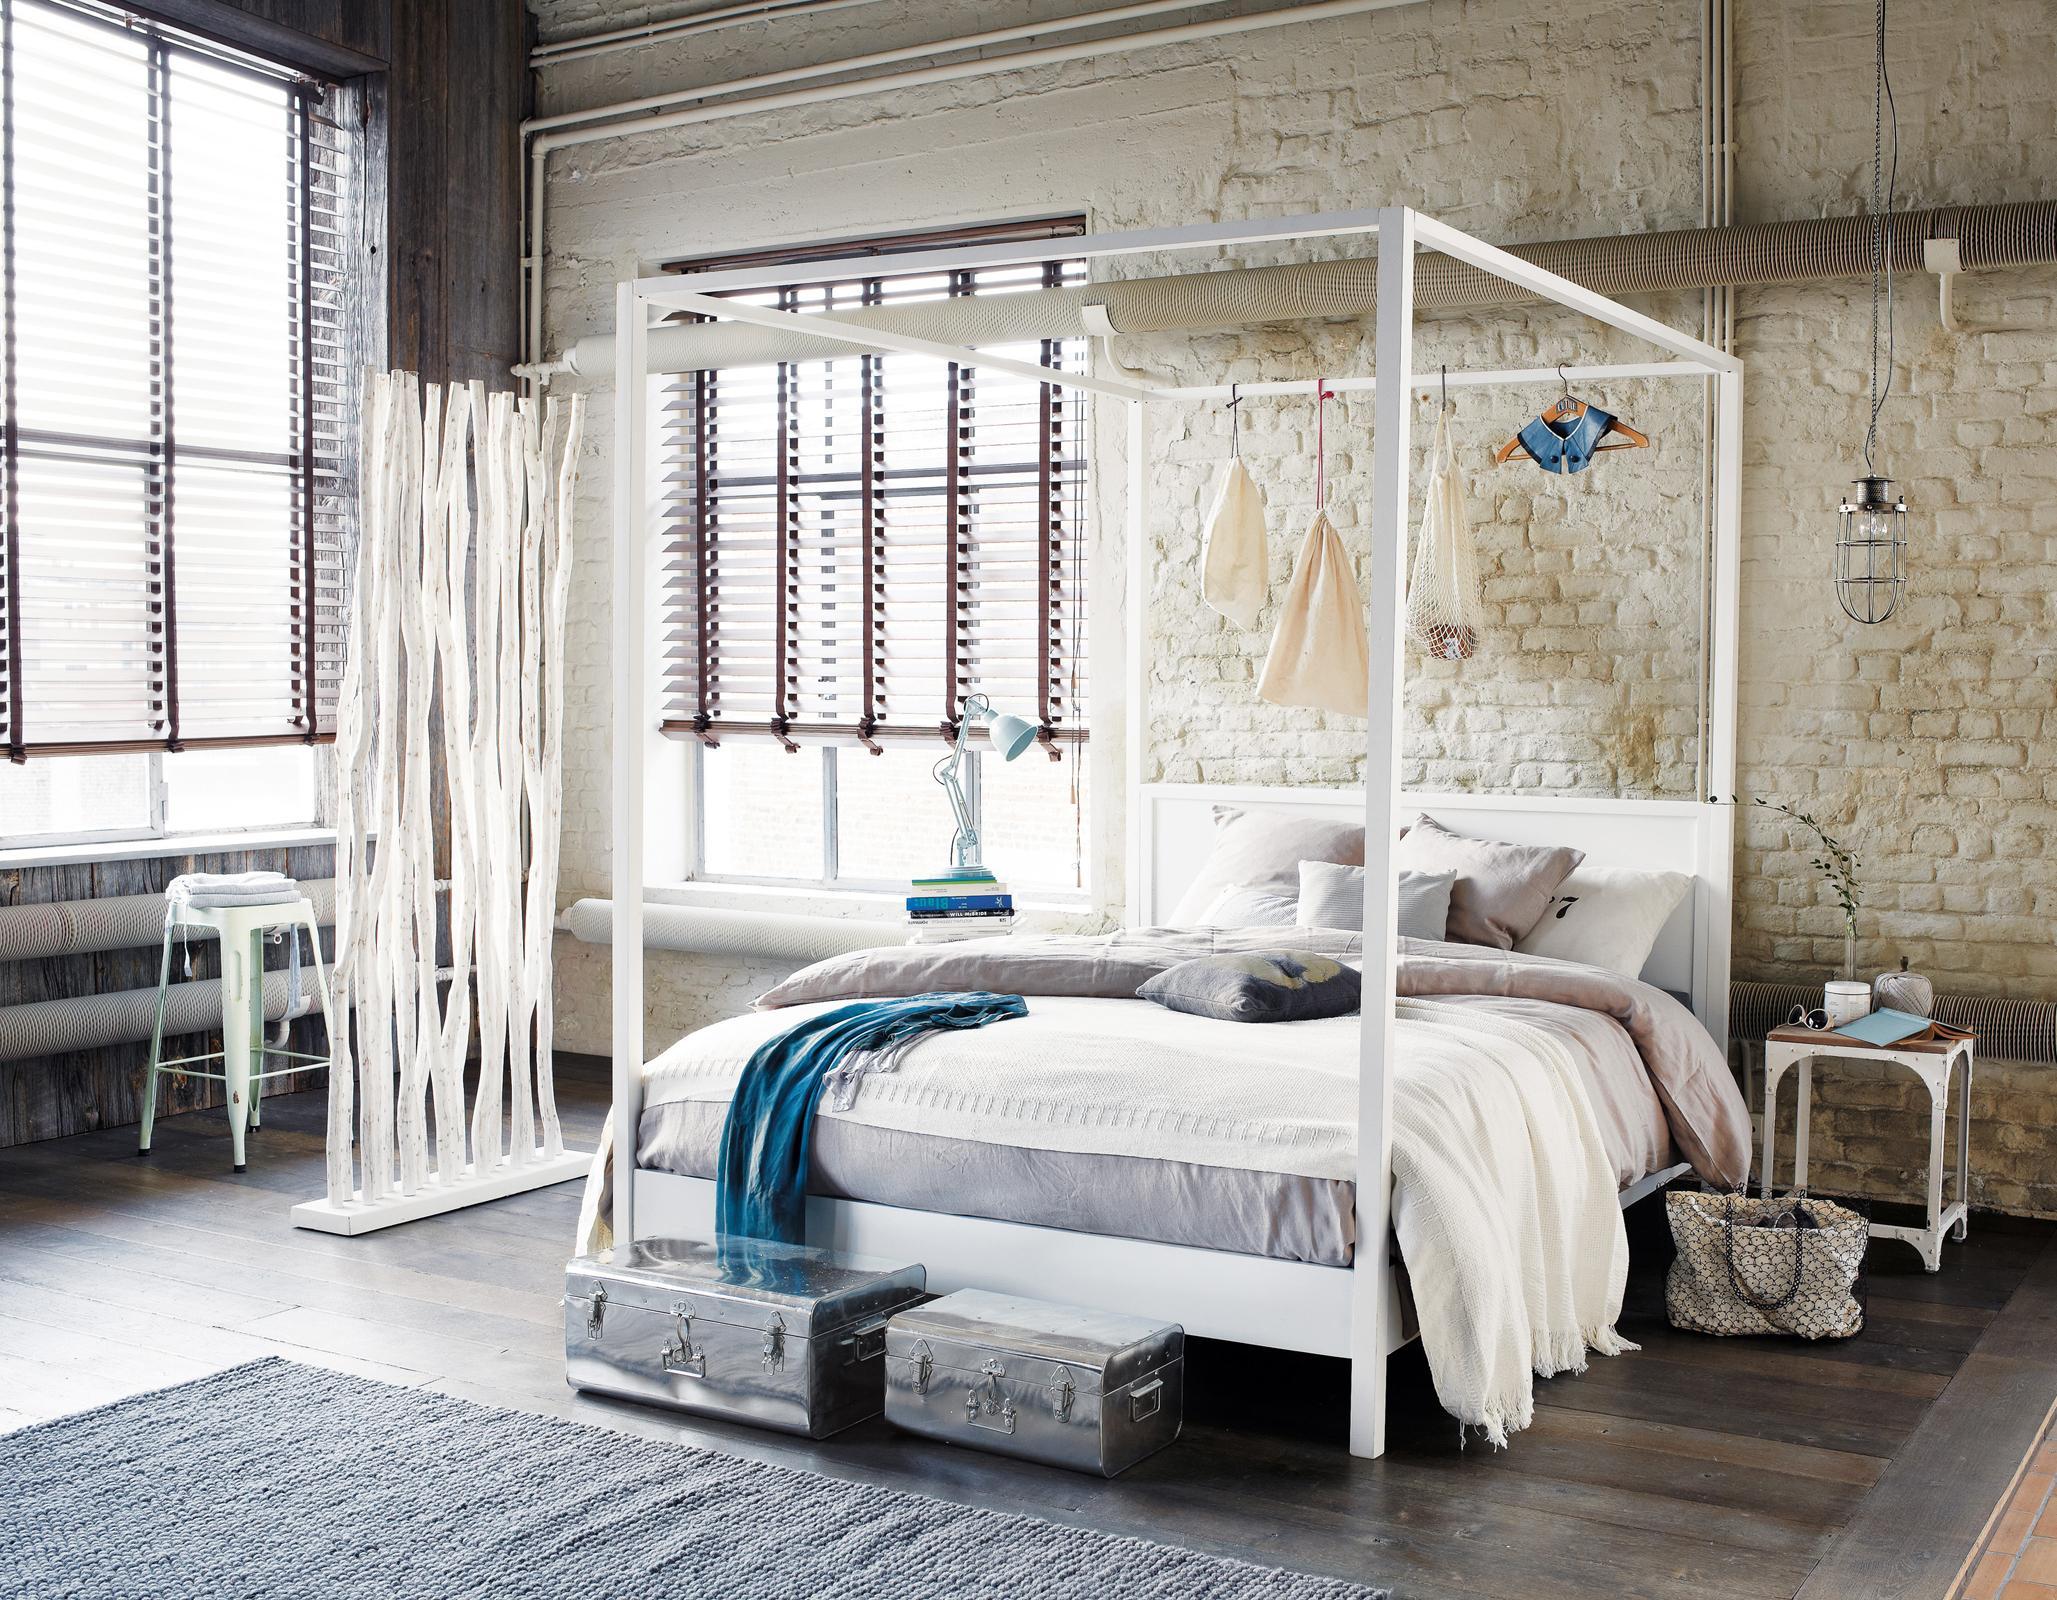 mauerwand • bilder & ideen • couchstyle, Wohnzimmer